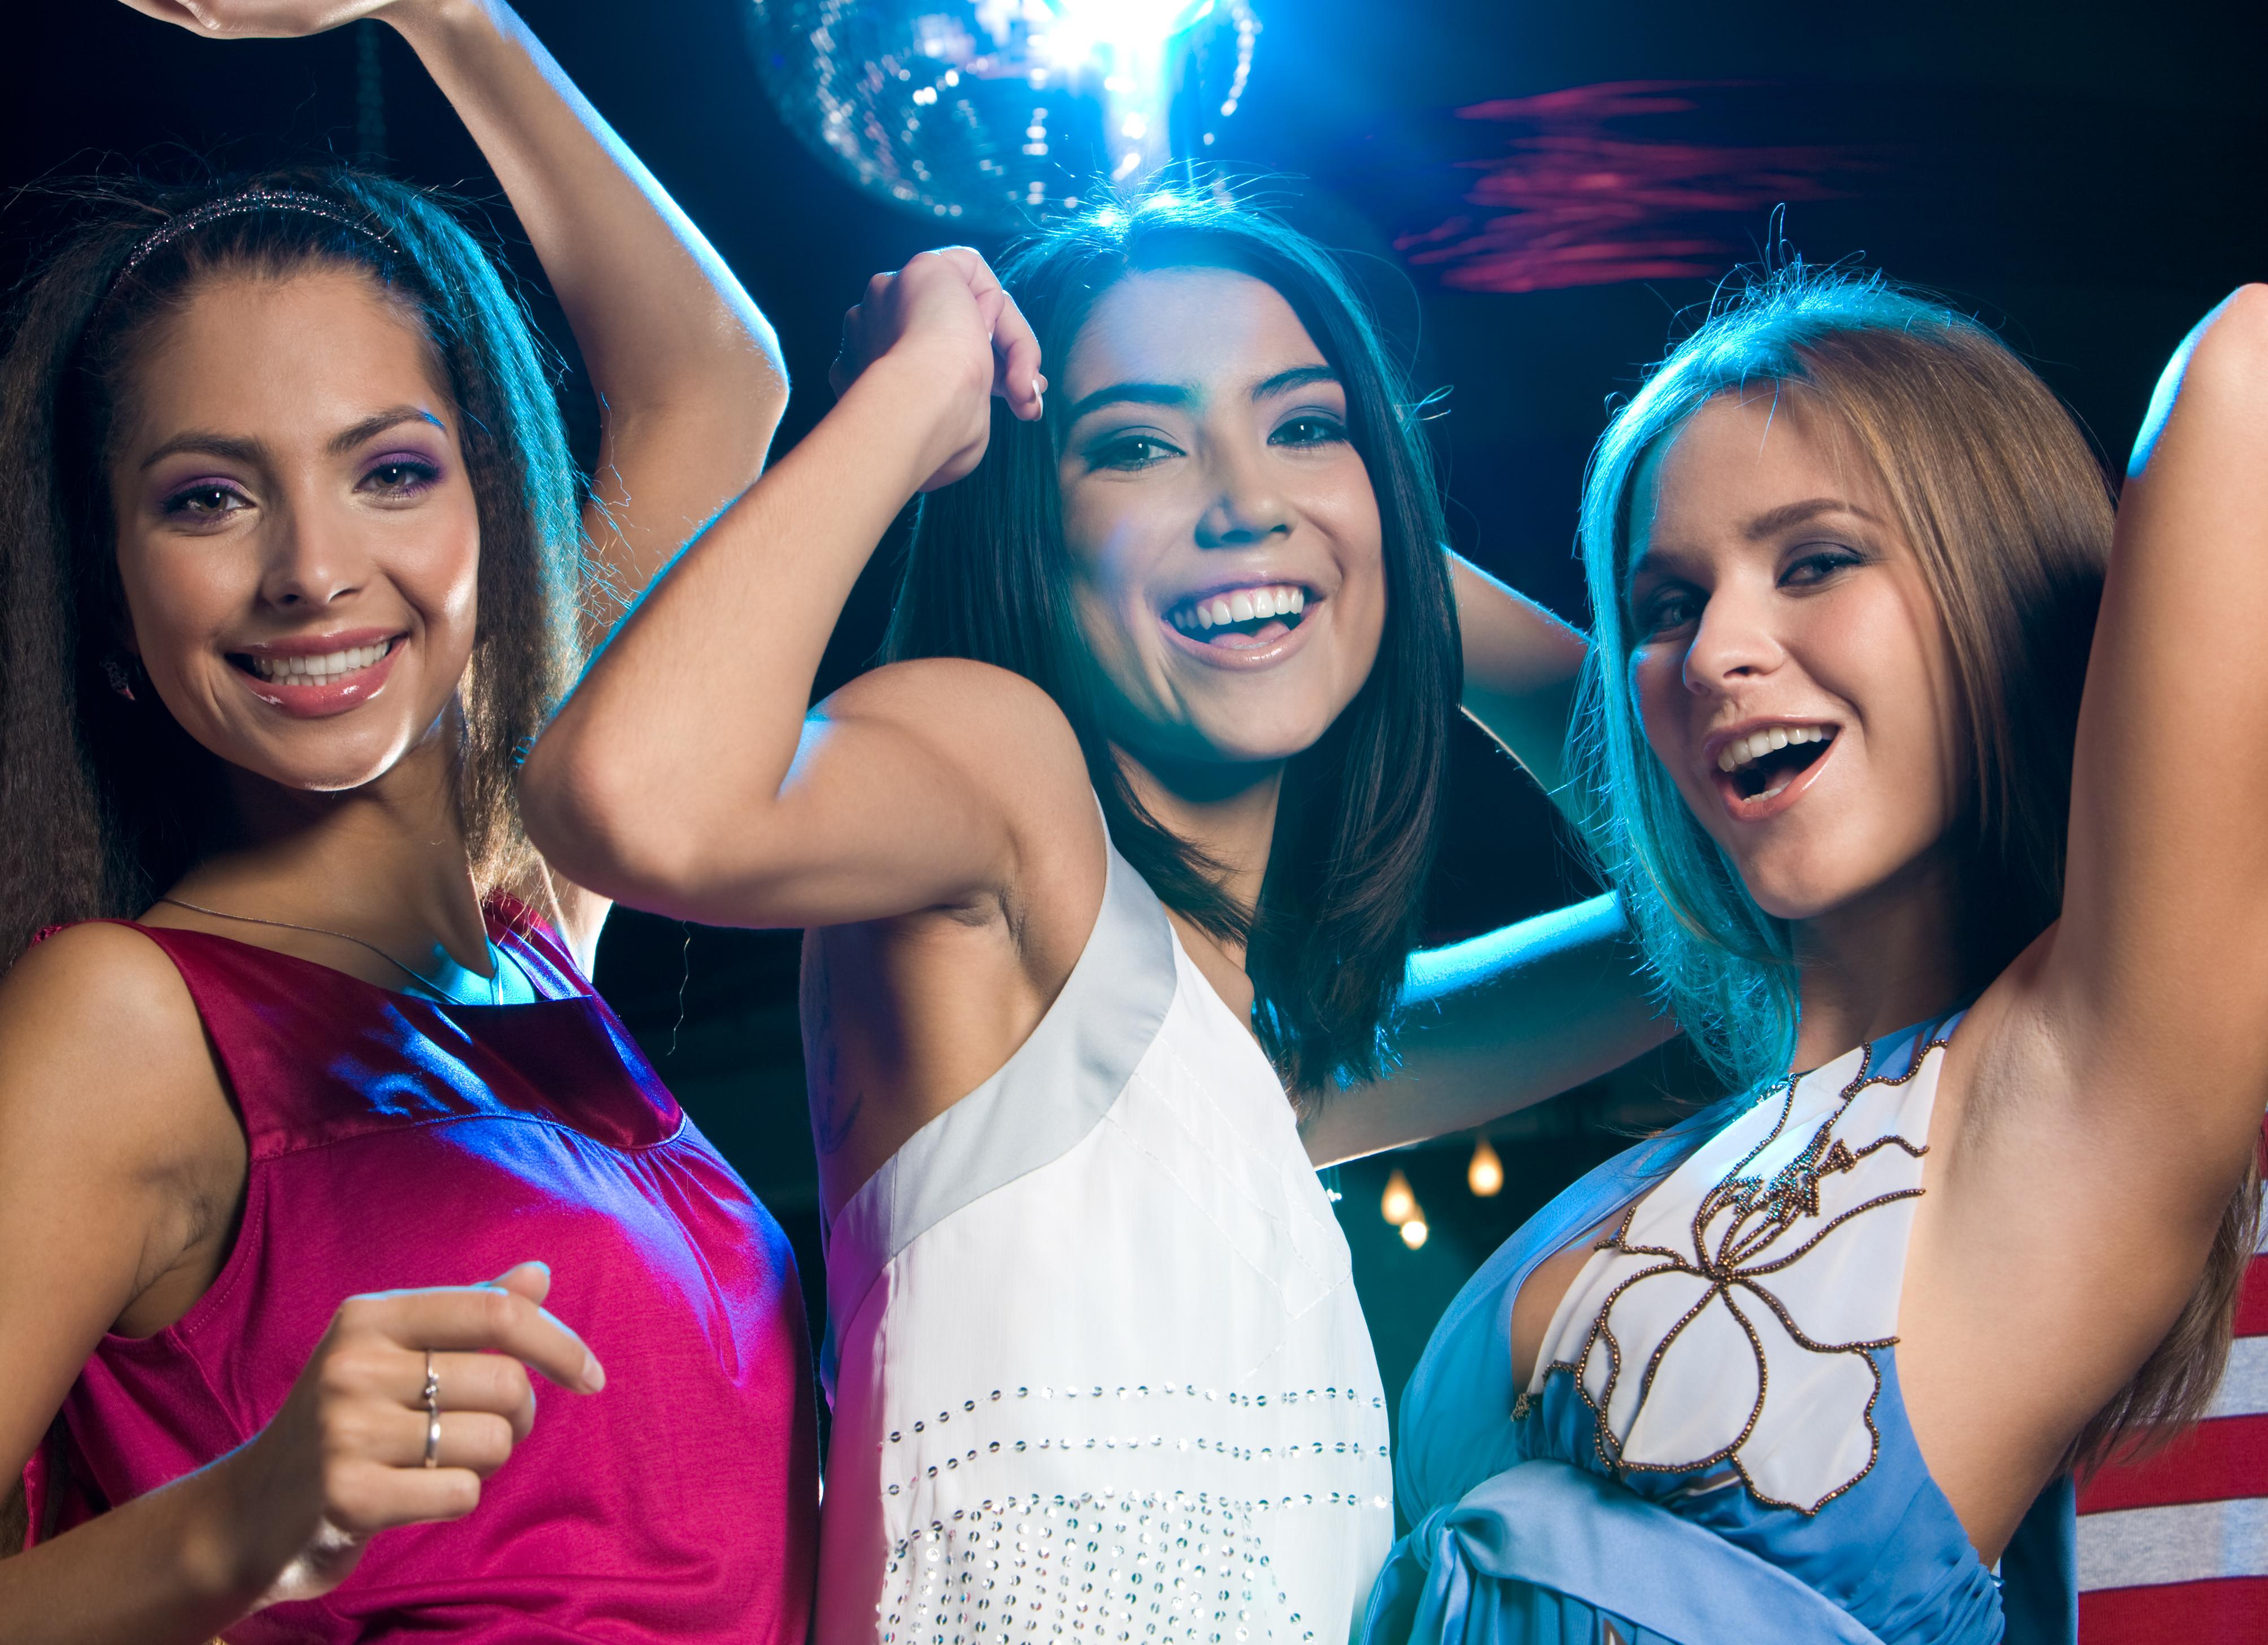 Фото девушек в клубах 16 фотография